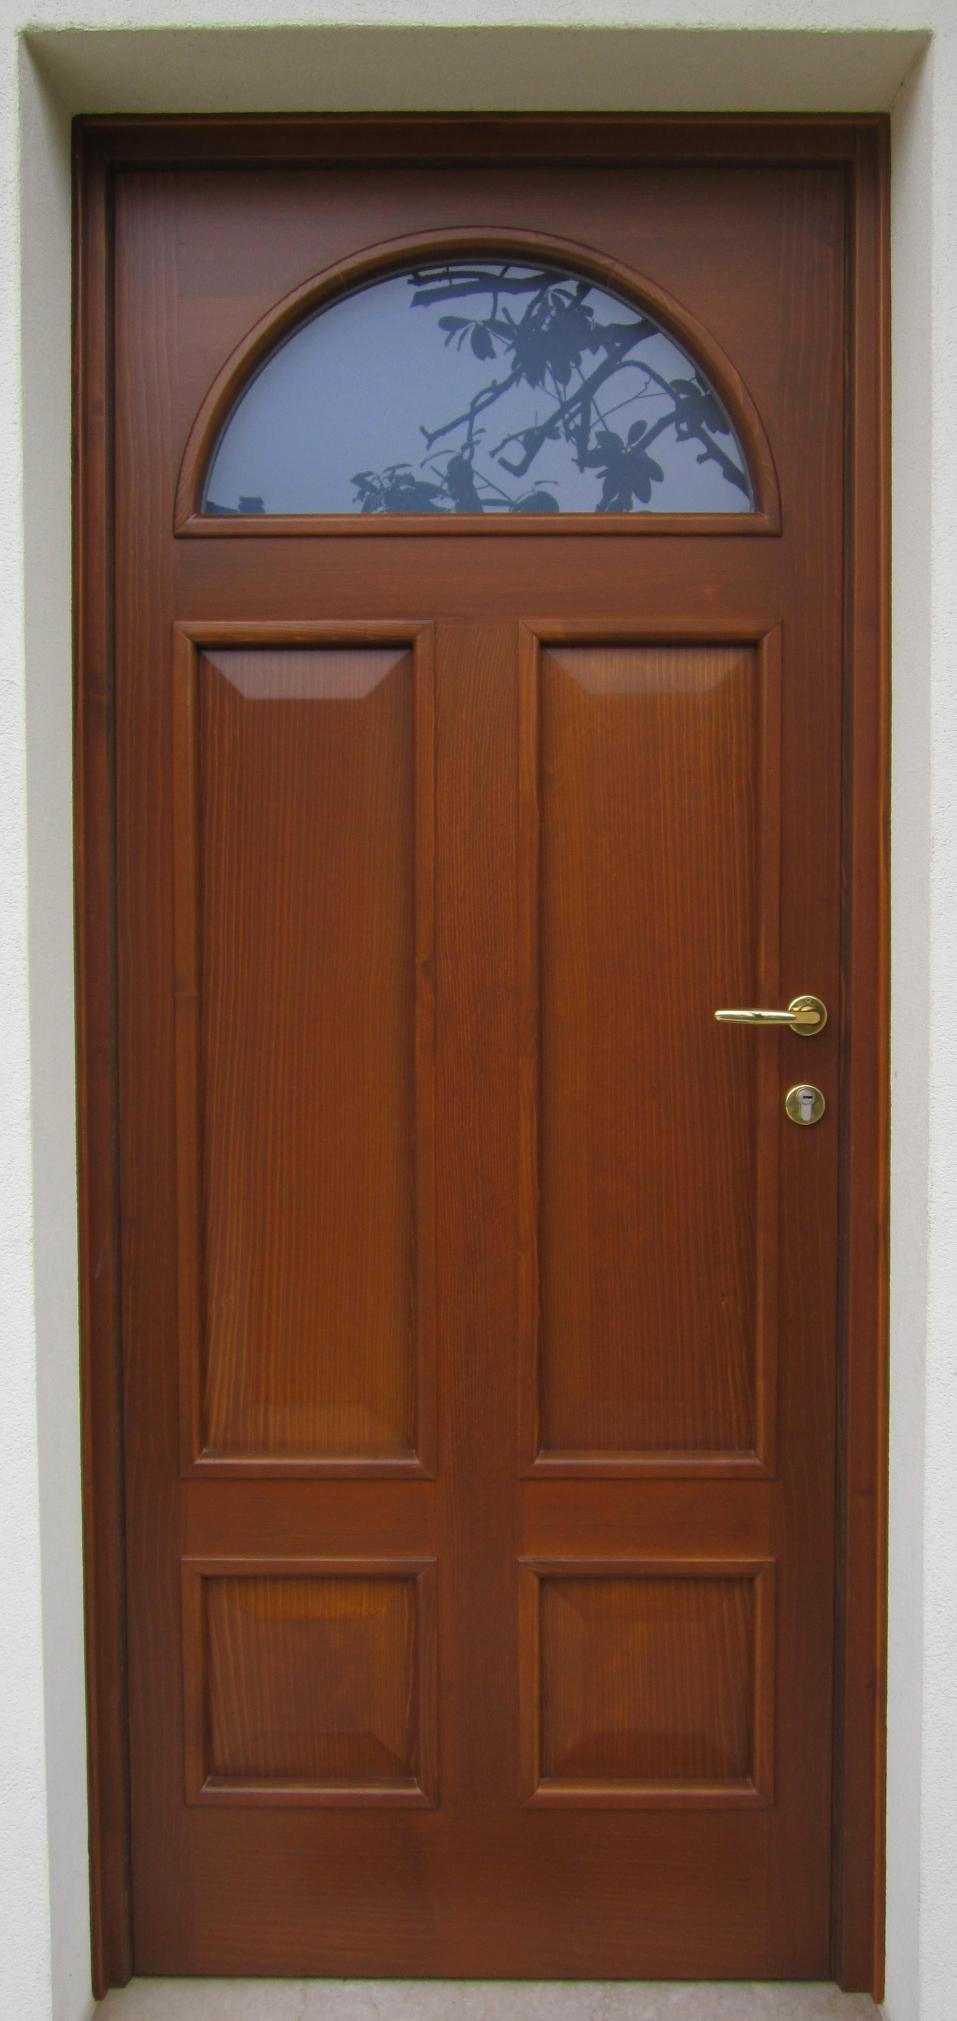 Sicurezza serramenti e infissi porte blindate e - Portoncini ingresso prezzi ...